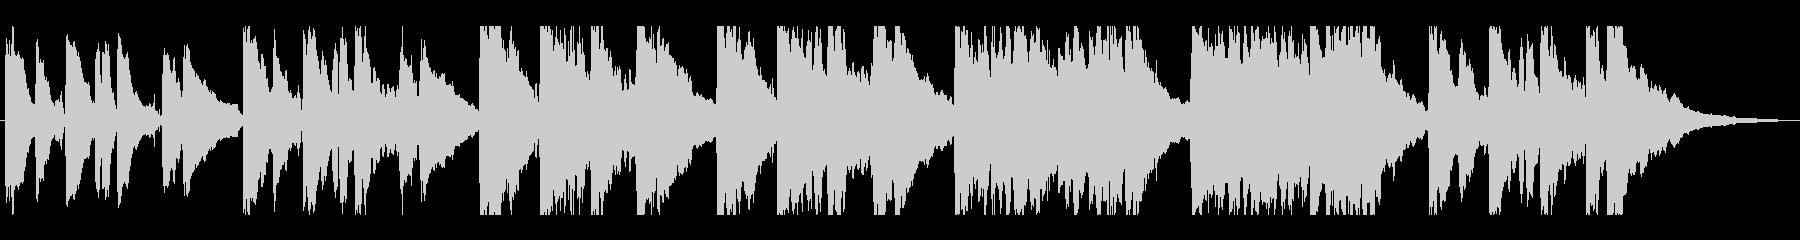 T.V.-現代研究所アメリカーナ西...の未再生の波形